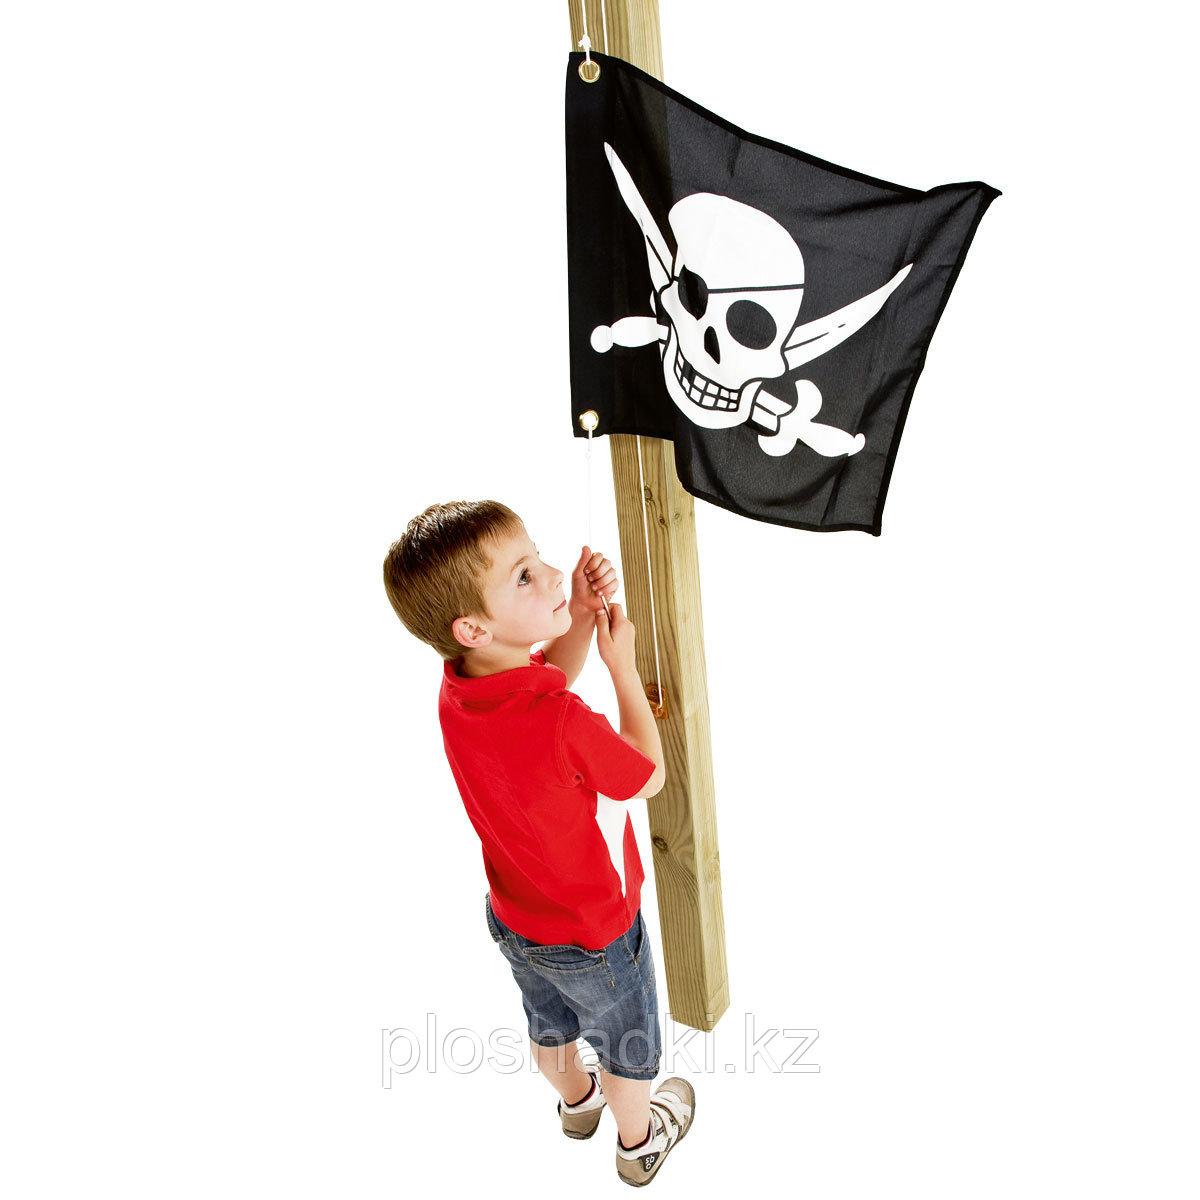 Флаг с механизмом поднятия